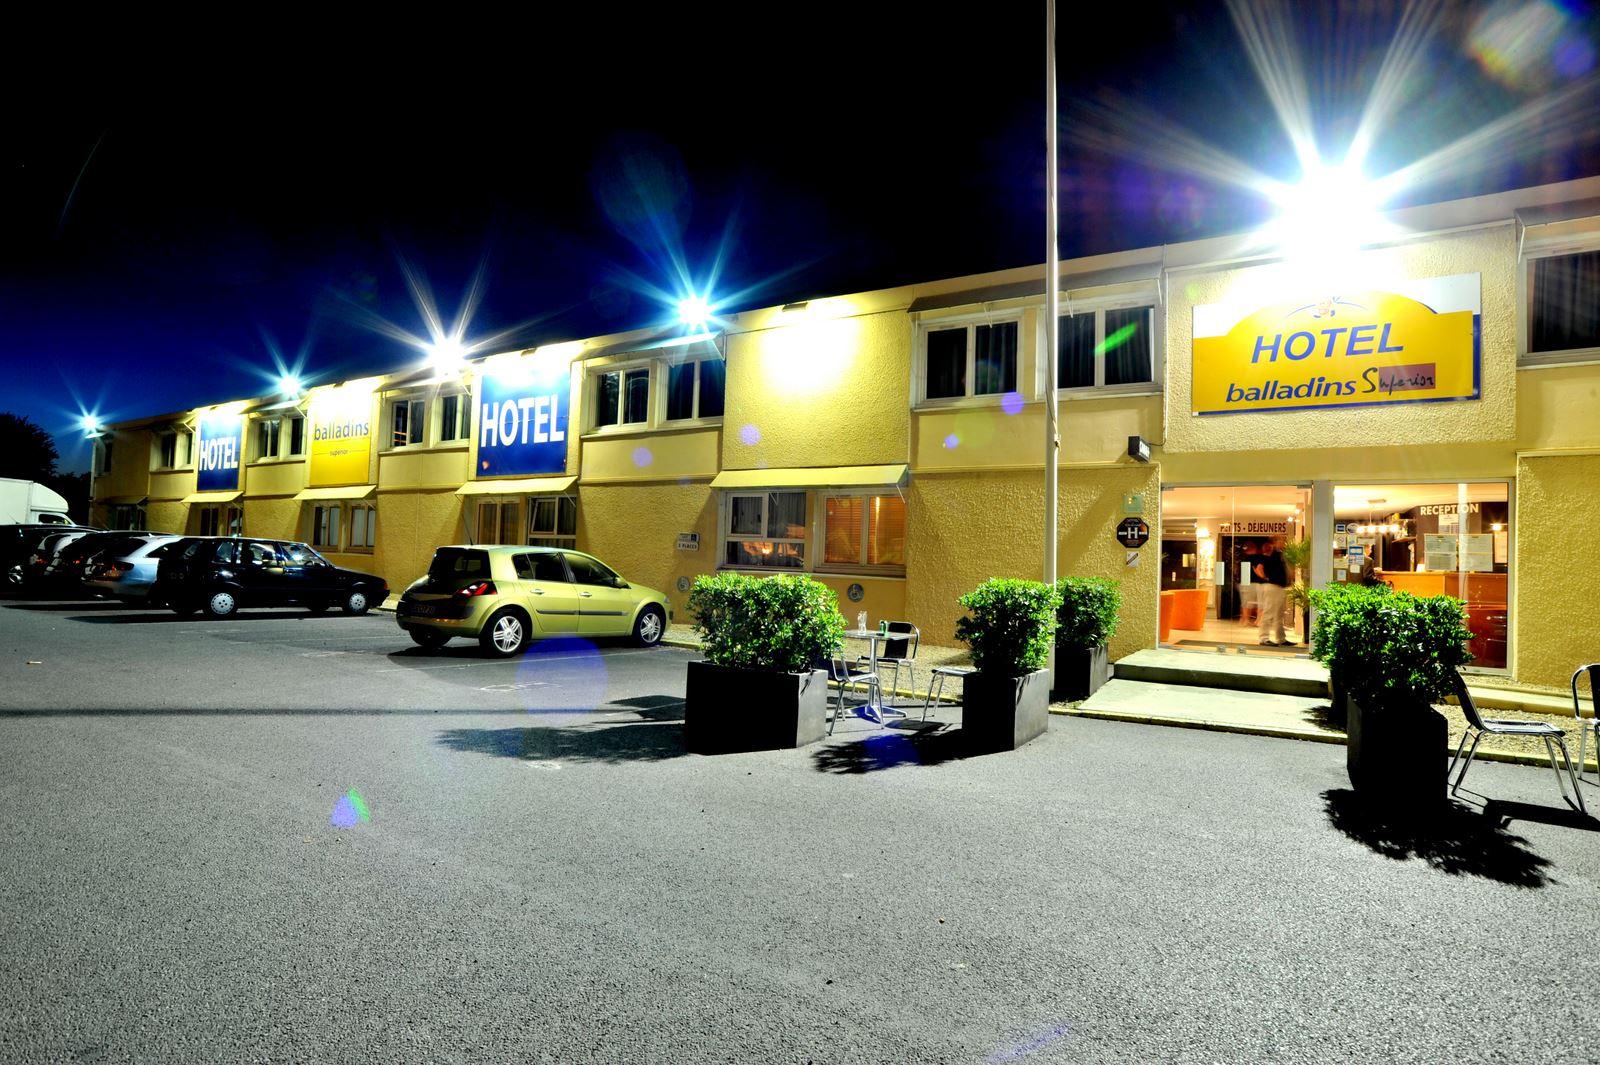 Hôtel Balladins Parc des Expositions - Aréna